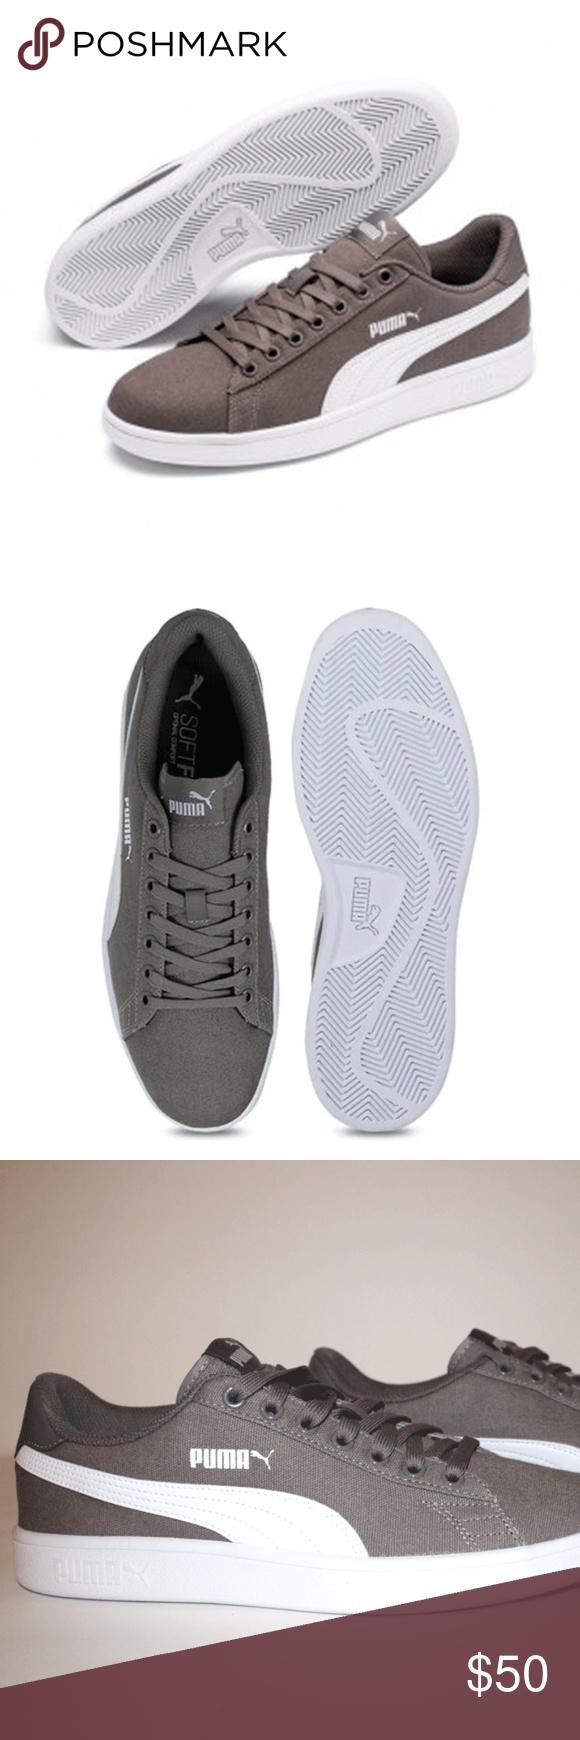 PUMA Smash v2 Canvas Sneakers No. 2